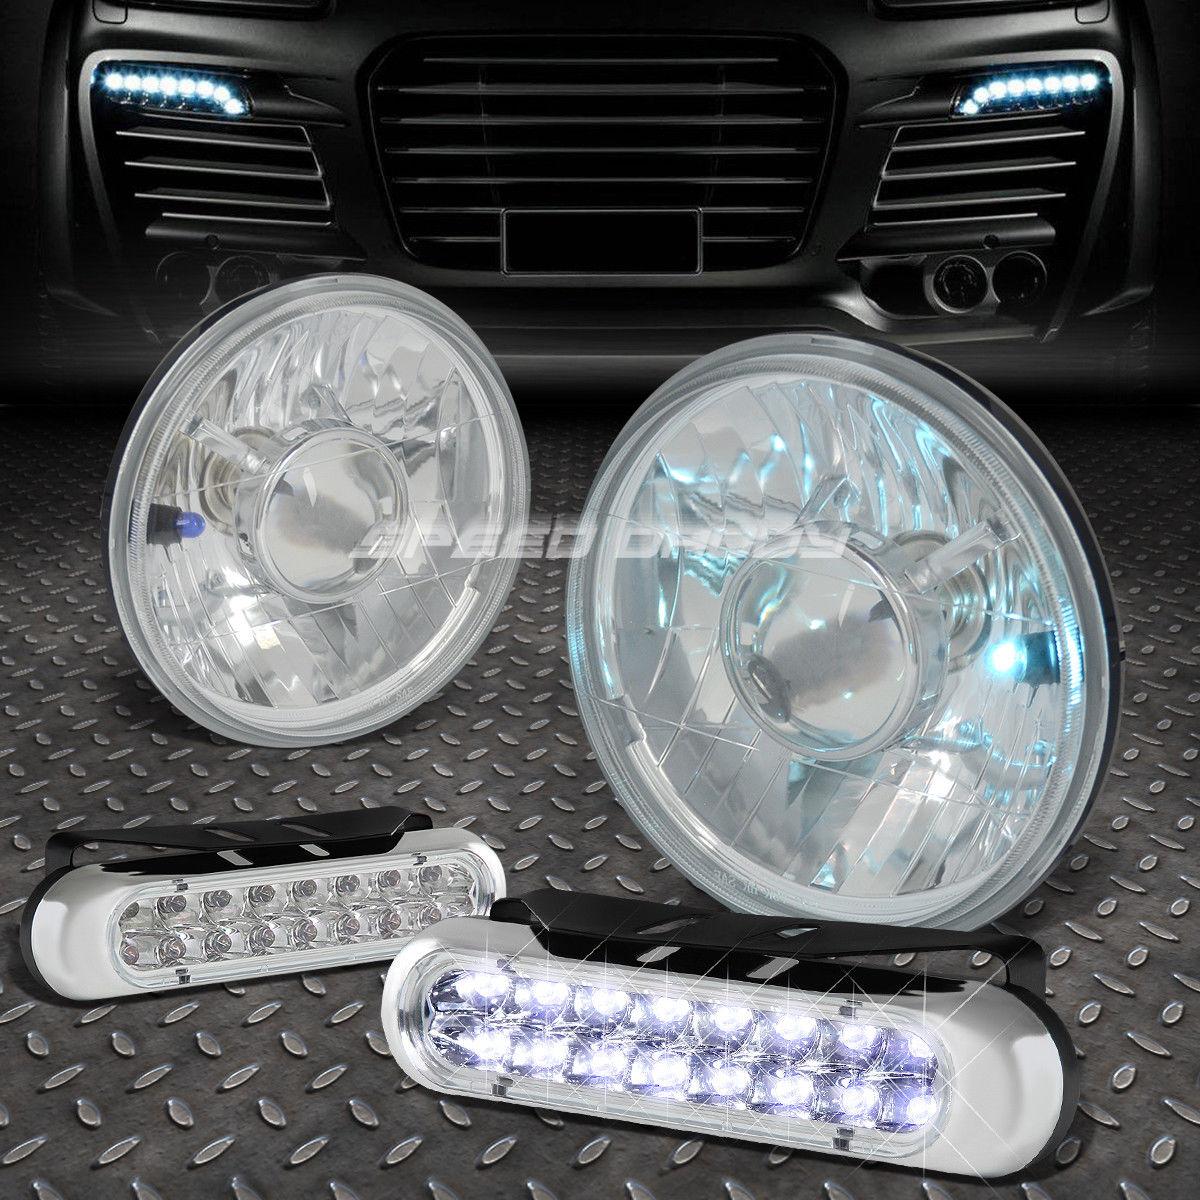 フォグライト ROUND CLEAR PROJECTOR HEADLIGHT+16 LED GRILL FOG LIGHT FOR 7